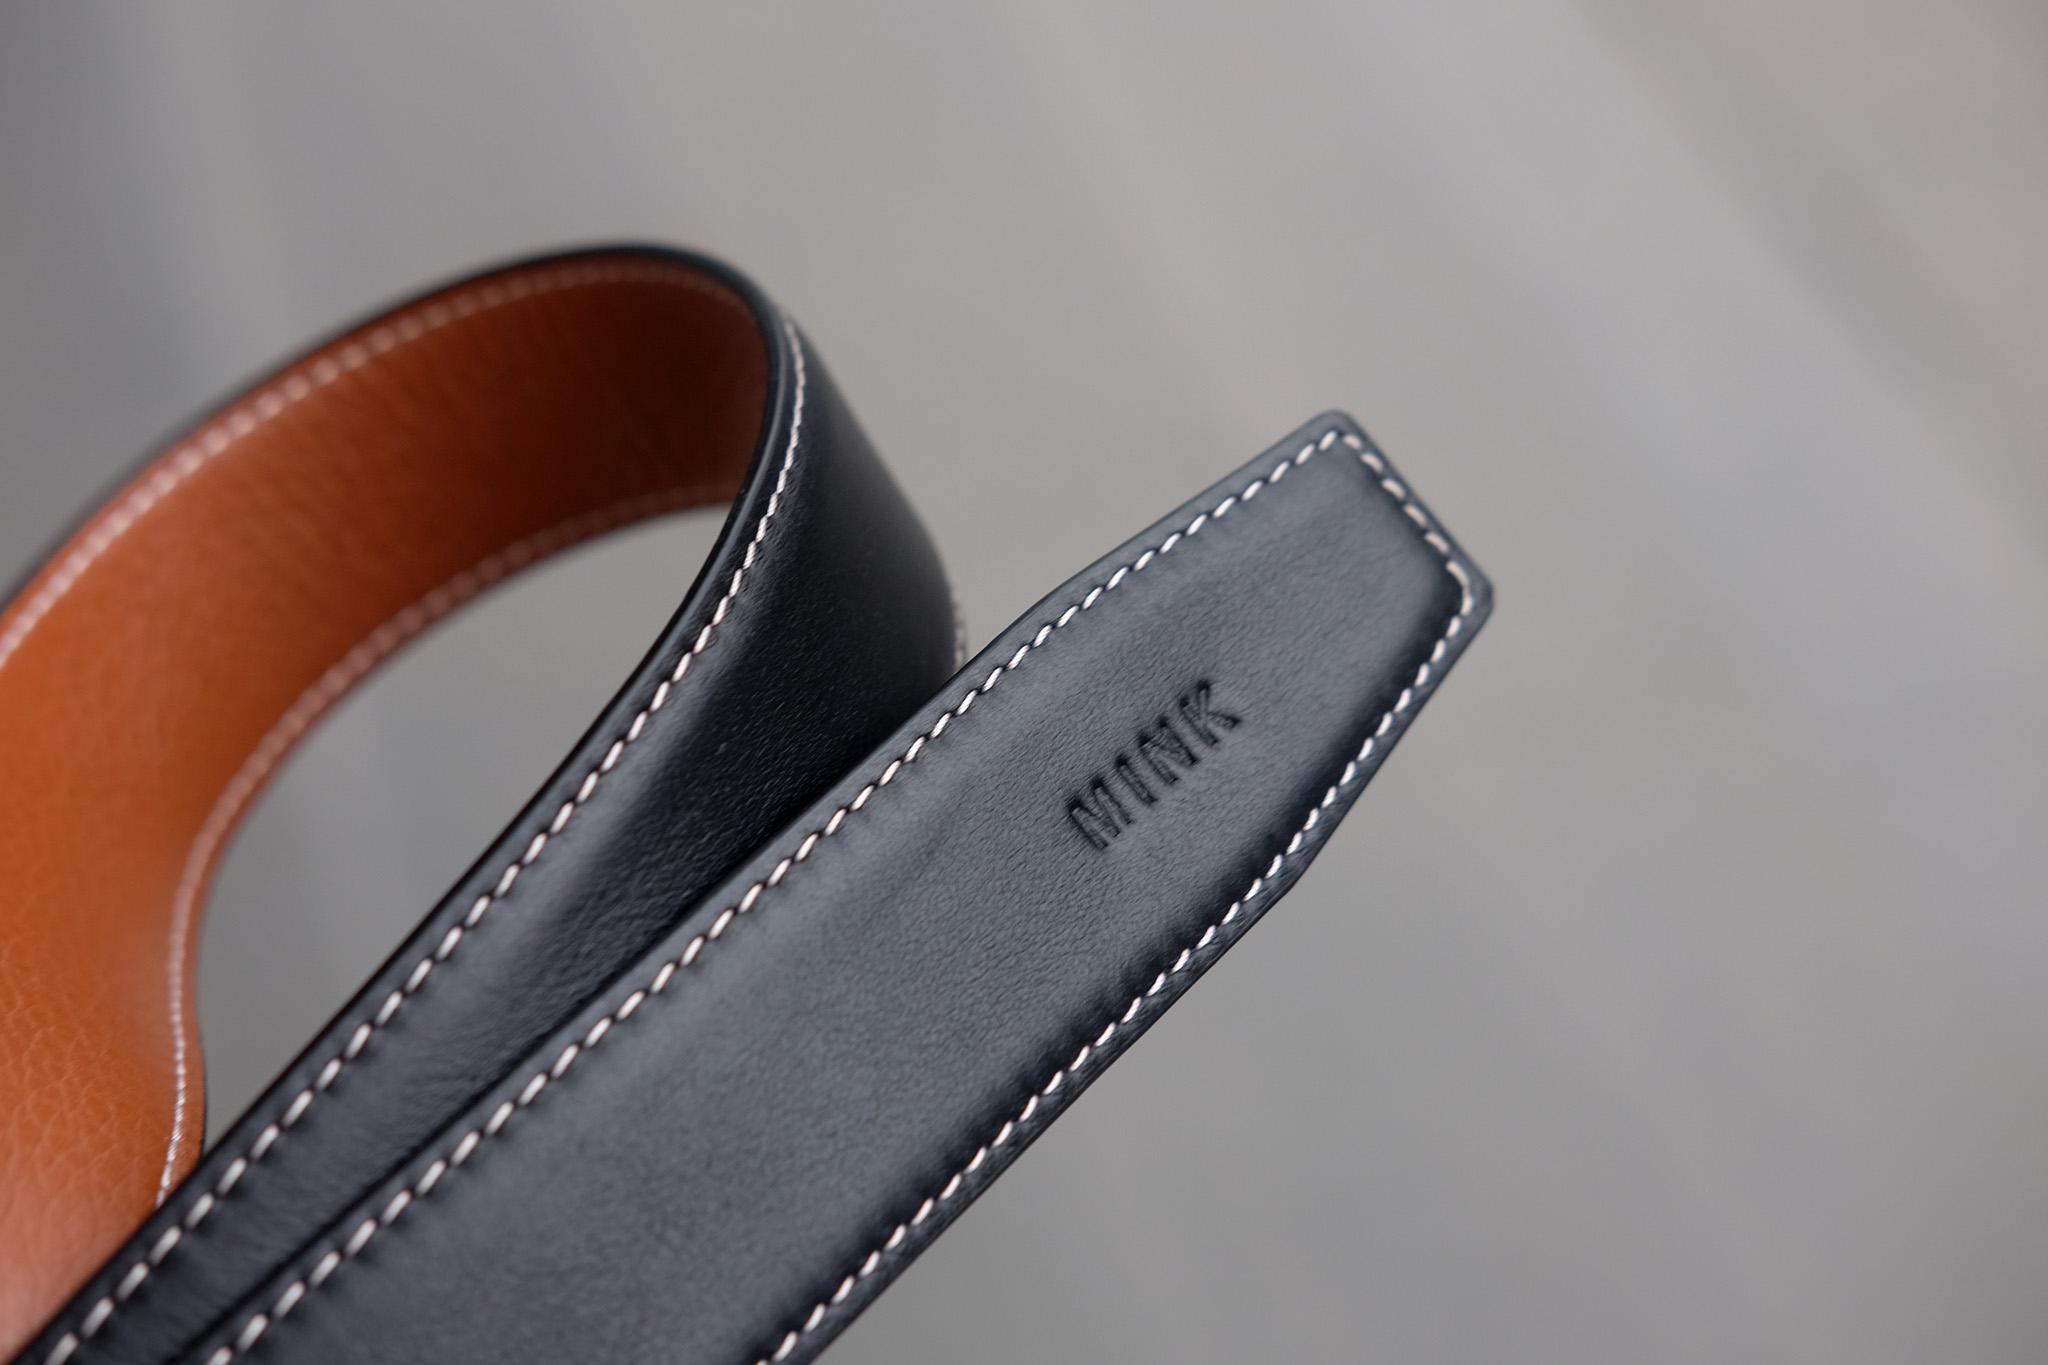 DSCF3884 - MINK Leather